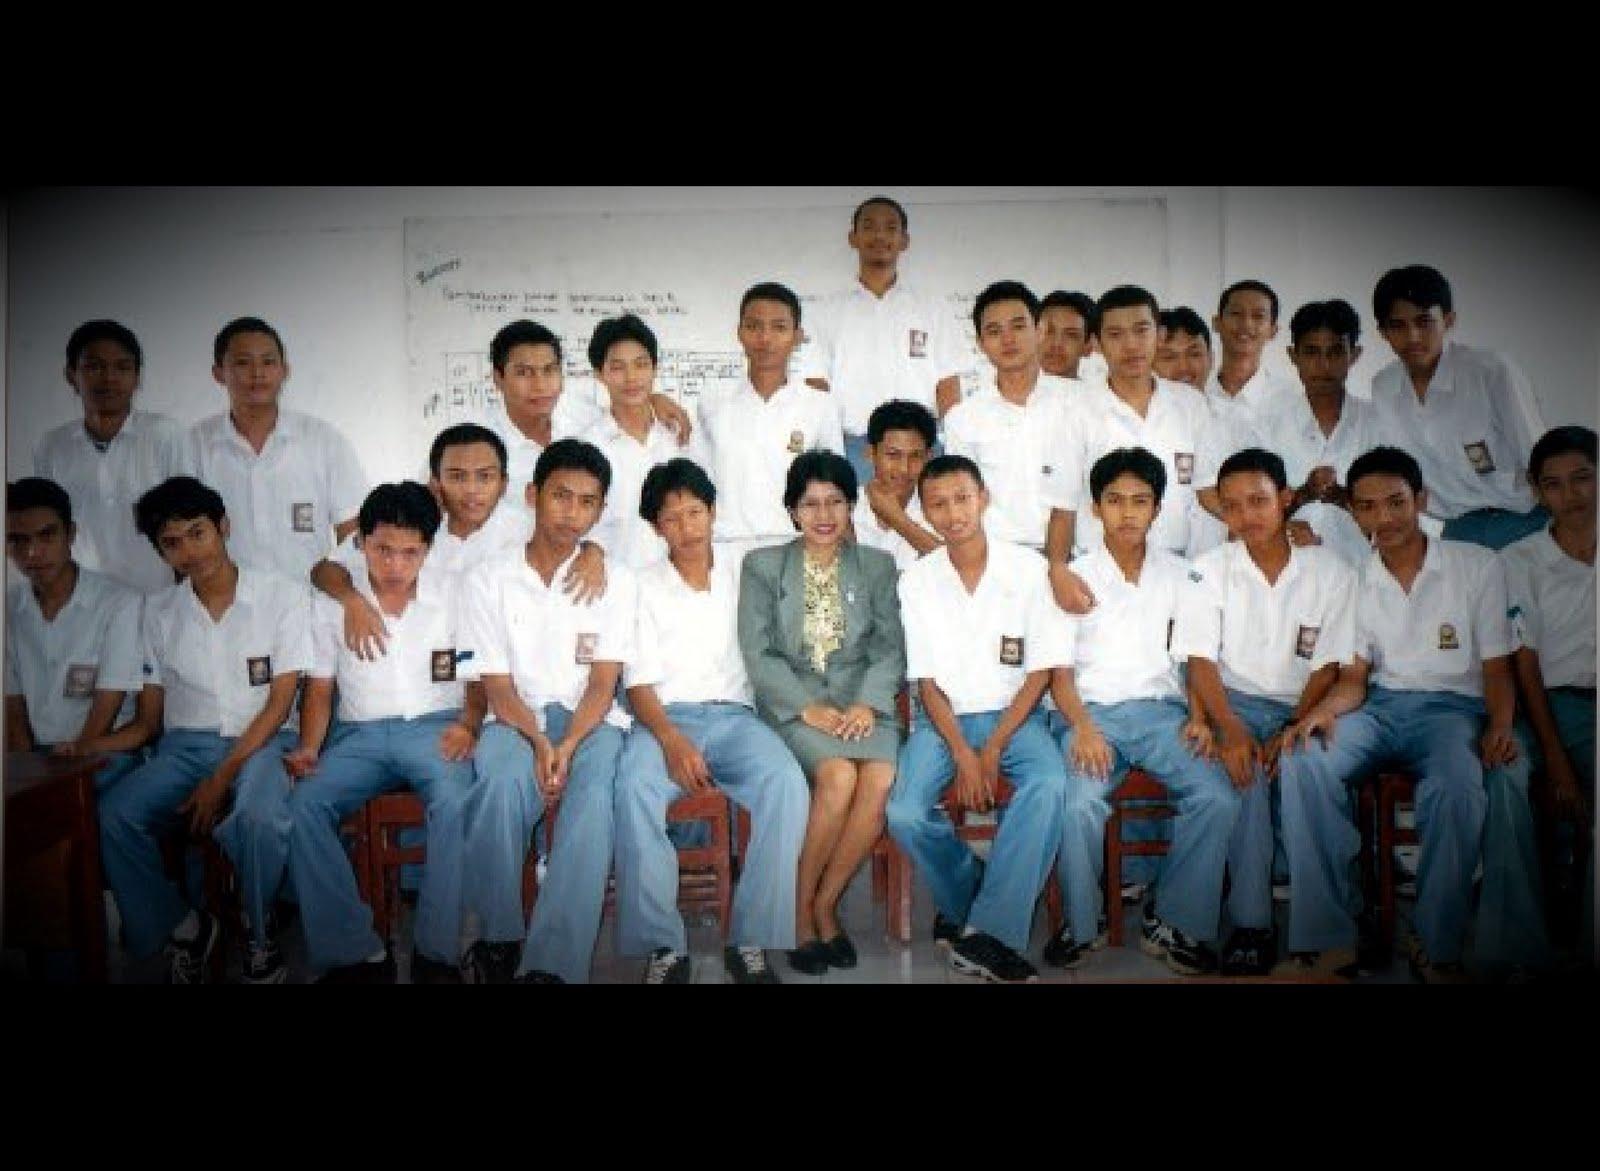 Bojong Cawang 2010 Produk Ukm Bumn Kaos Oblong Kalau Dulu Semasa Sekolah Atau Kuliah Yang Dominasi Pendapatan Hanya Mengandalkan Uluran Tangan Orang Tua Itu Rencana Dan Wacana Akan Memulai Usaha